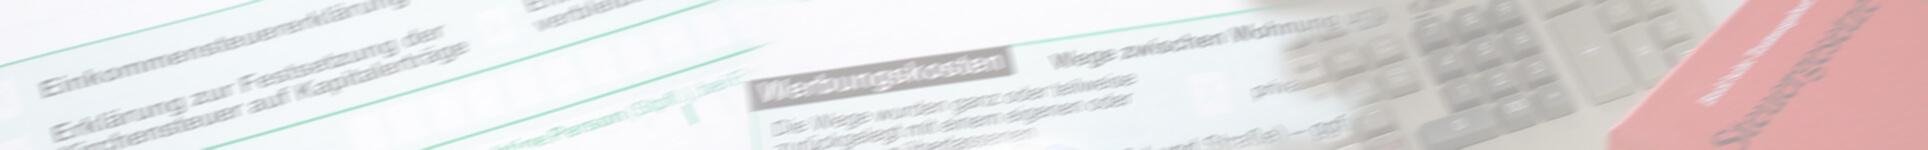 Buchhaltung-steuerberatung-Lohnabrechnung